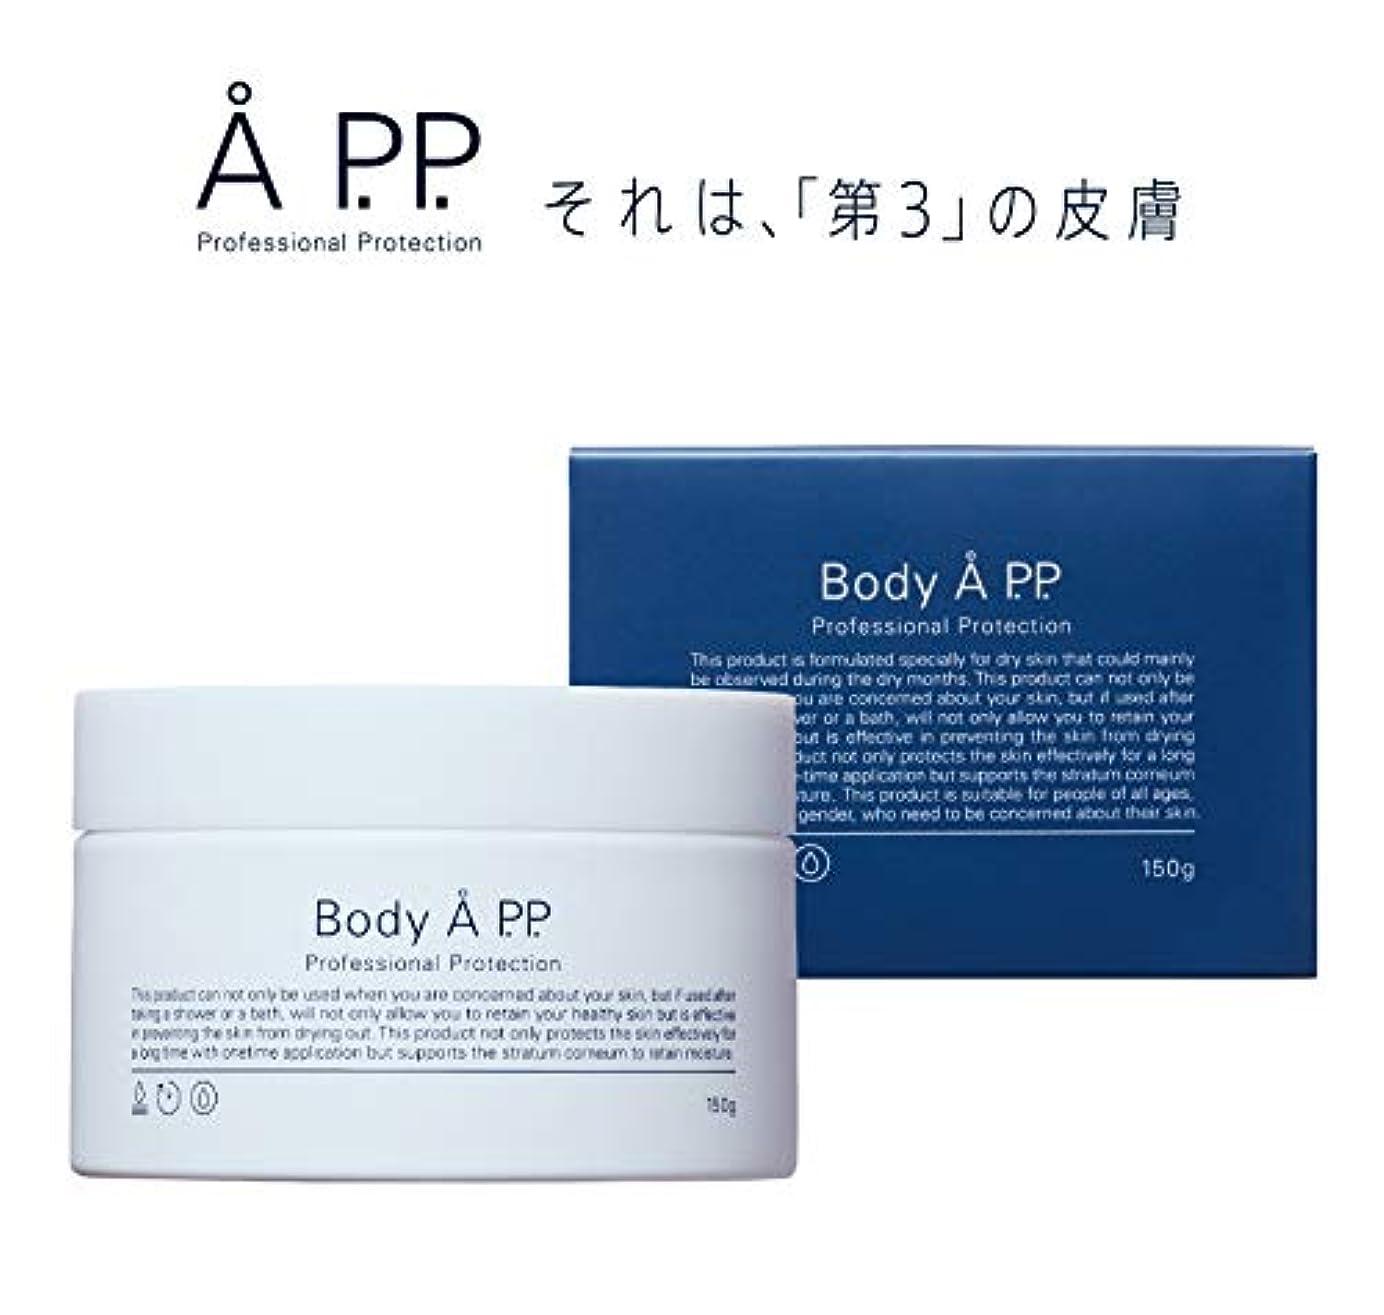 相対サイズ注目すべき関数Body A P.P. プロフェッショナルプロテクション 高機能 ボディクリーム ボディークリーム 人気 ランキング 保湿 無香料 150g (1個)